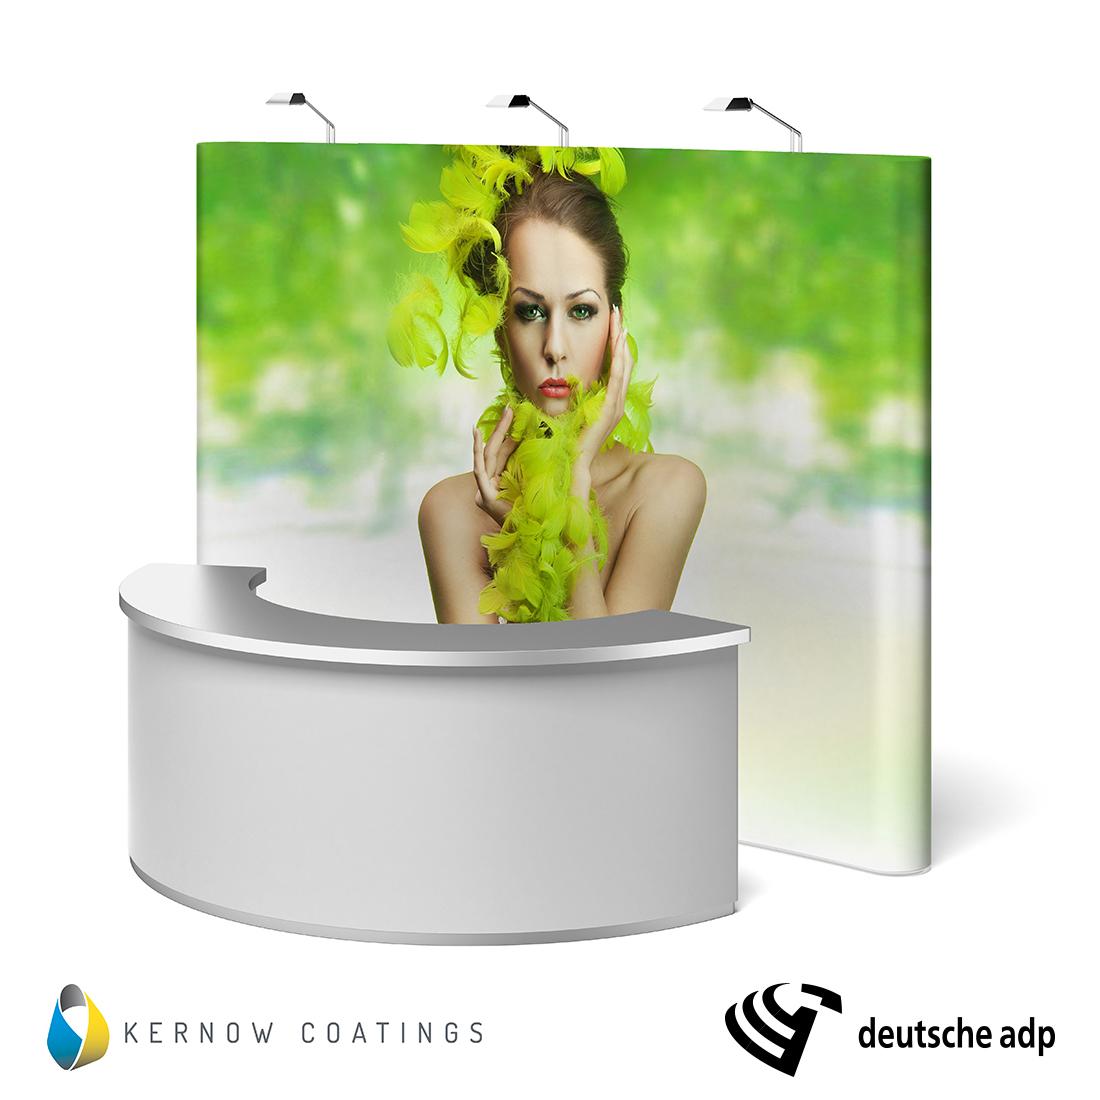 KernowJet Folien für Pop-Up Displays und Wandkonstruktionen